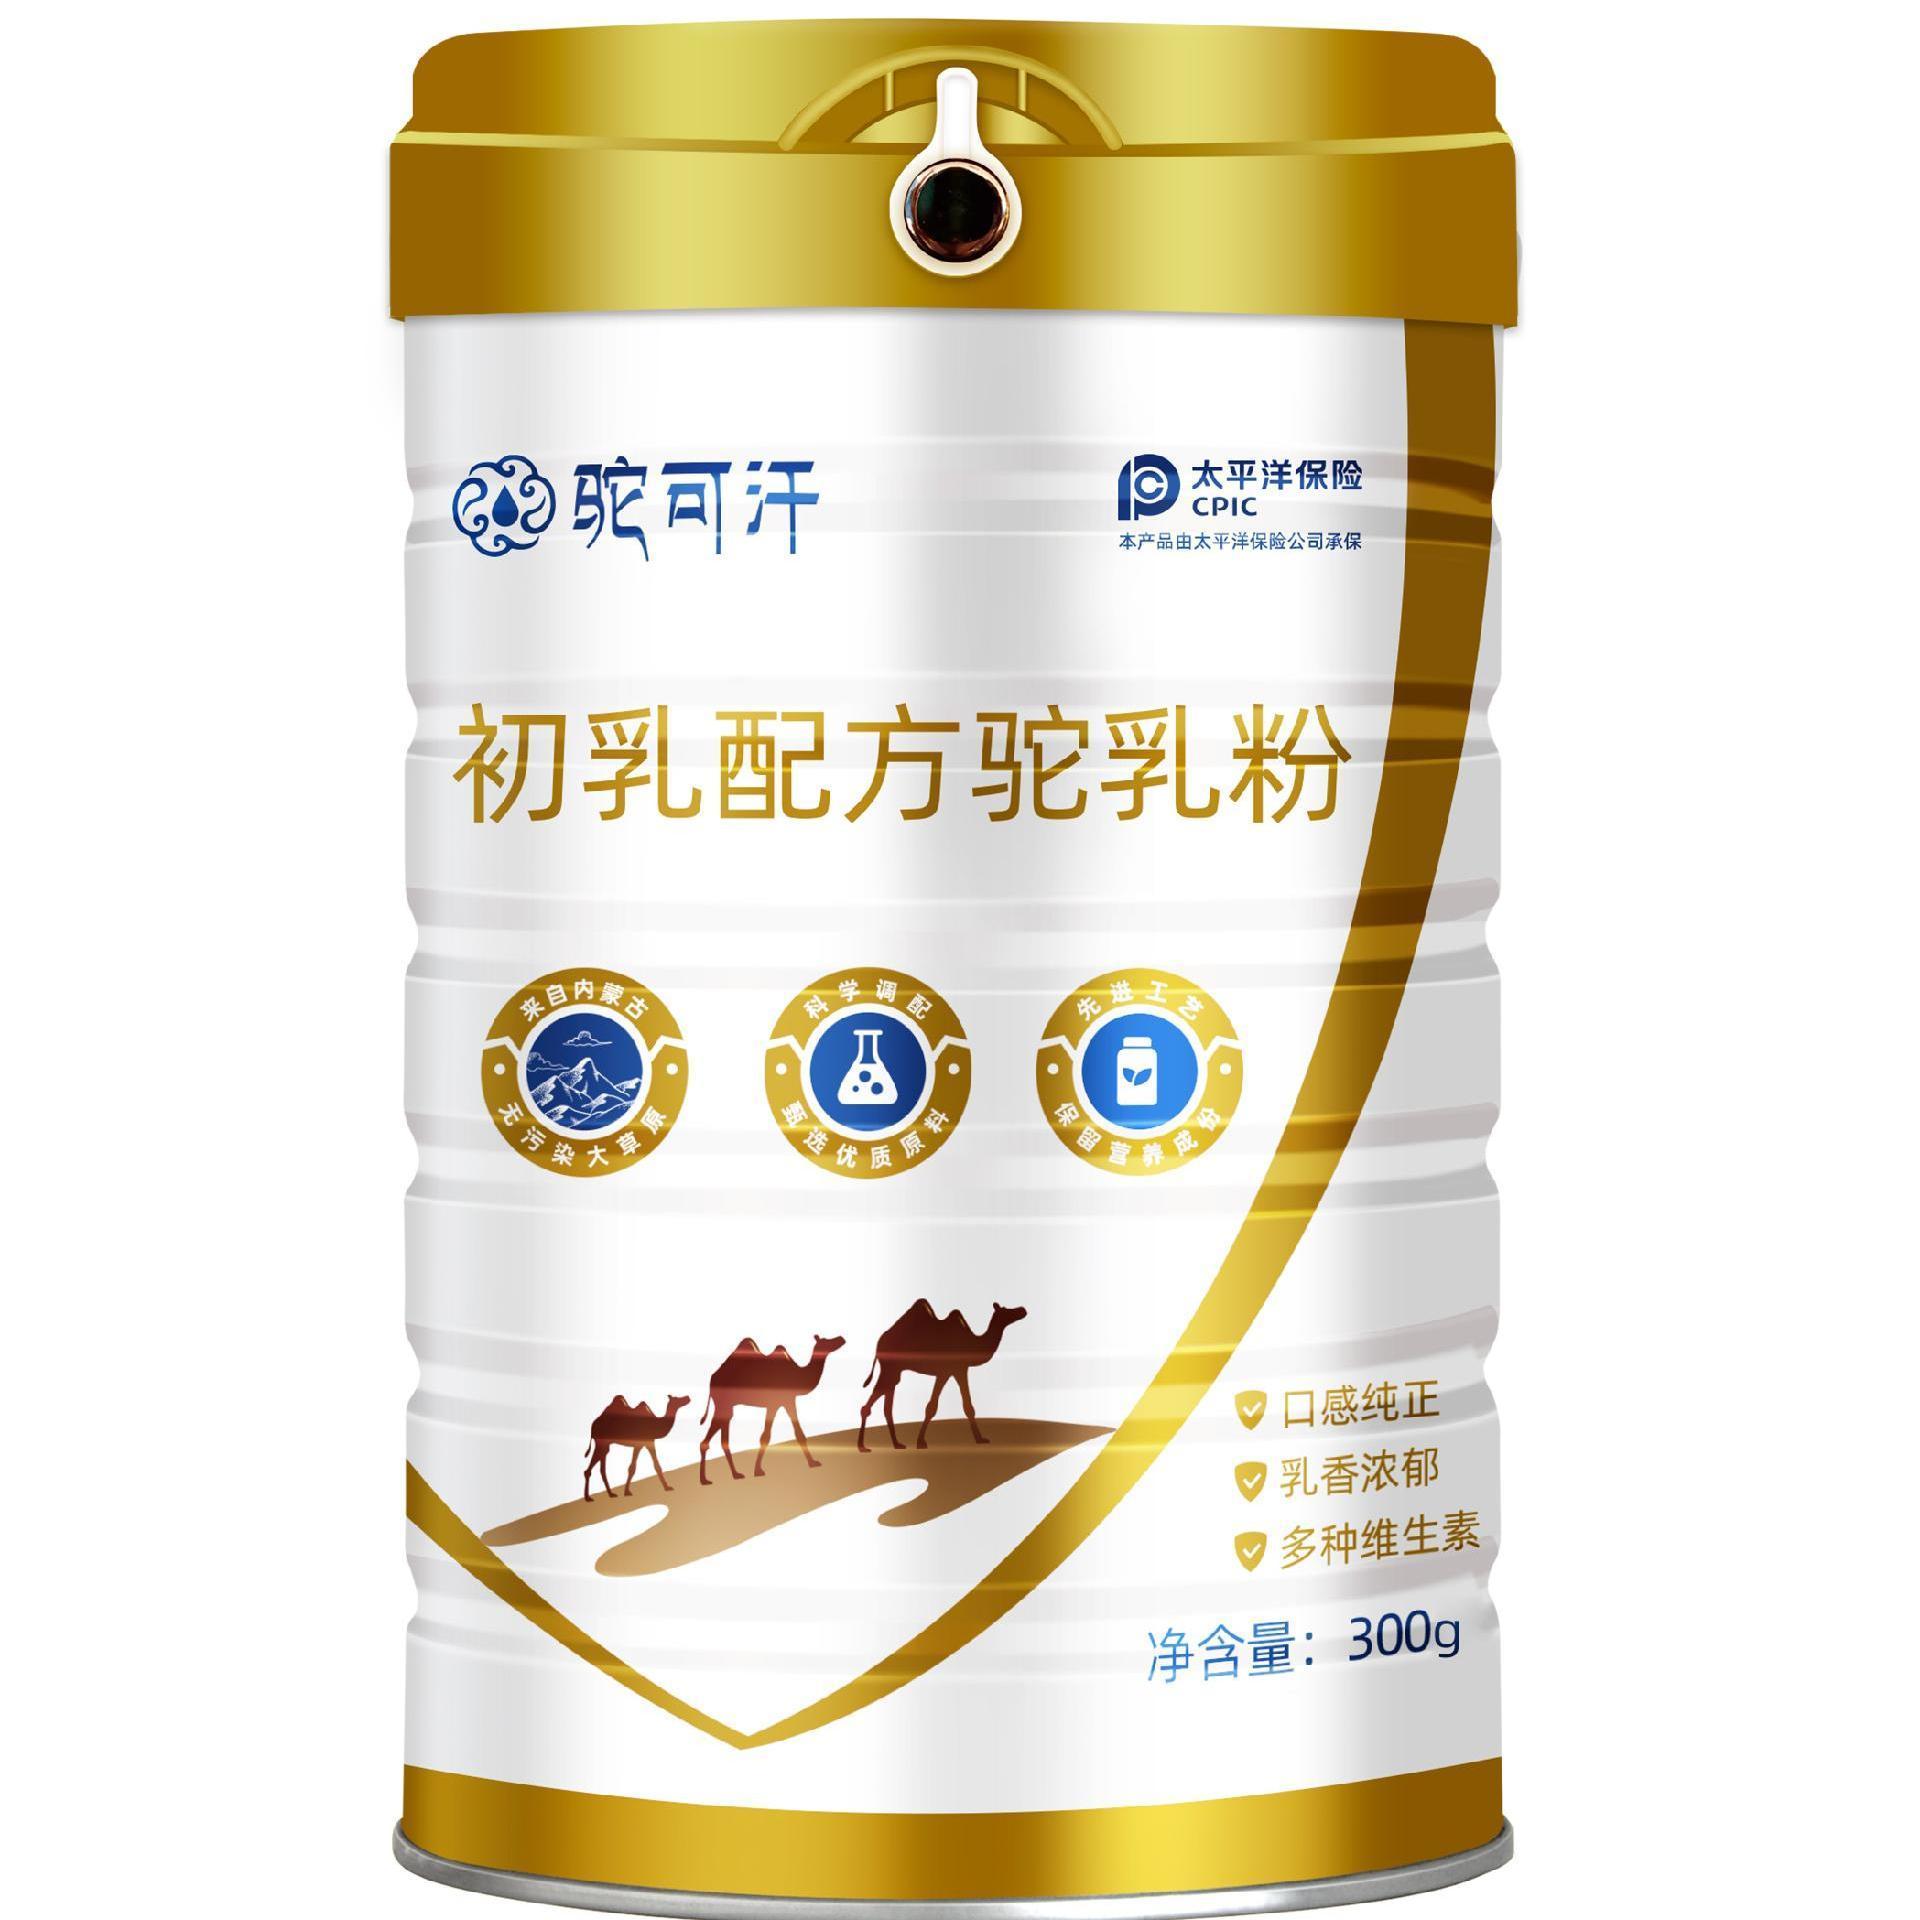 驼奶粉厂家批发代理驼可汗骆驼乳粉300g罐装